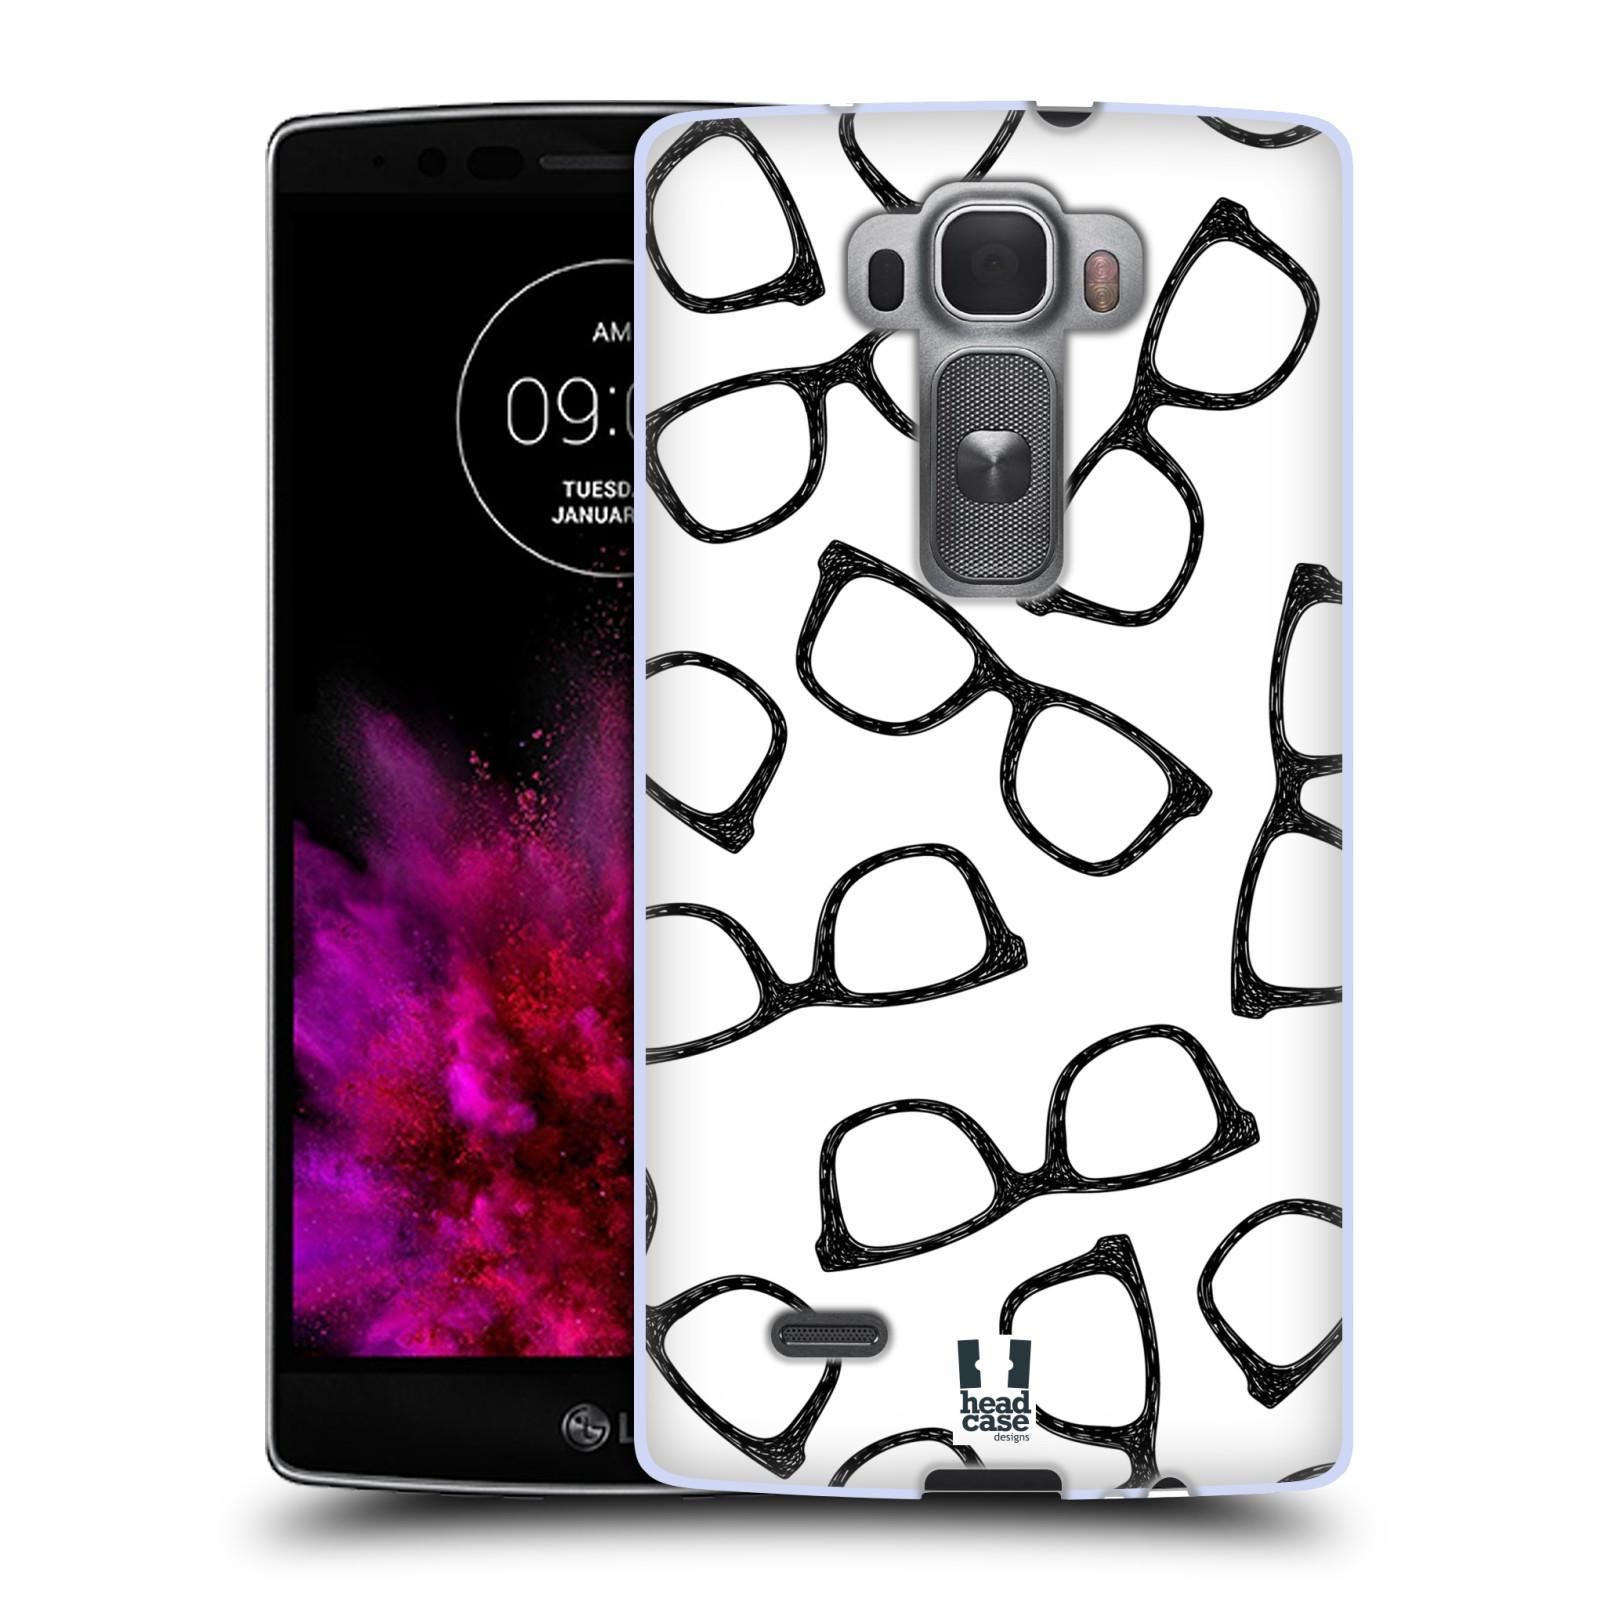 Silikonové pouzdro na mobil LG G Flex 2 HEAD CASE HIPSTER BRÝLE (Silikonový kryt či obal na mobilní telefon LG G Flex 2 H955)